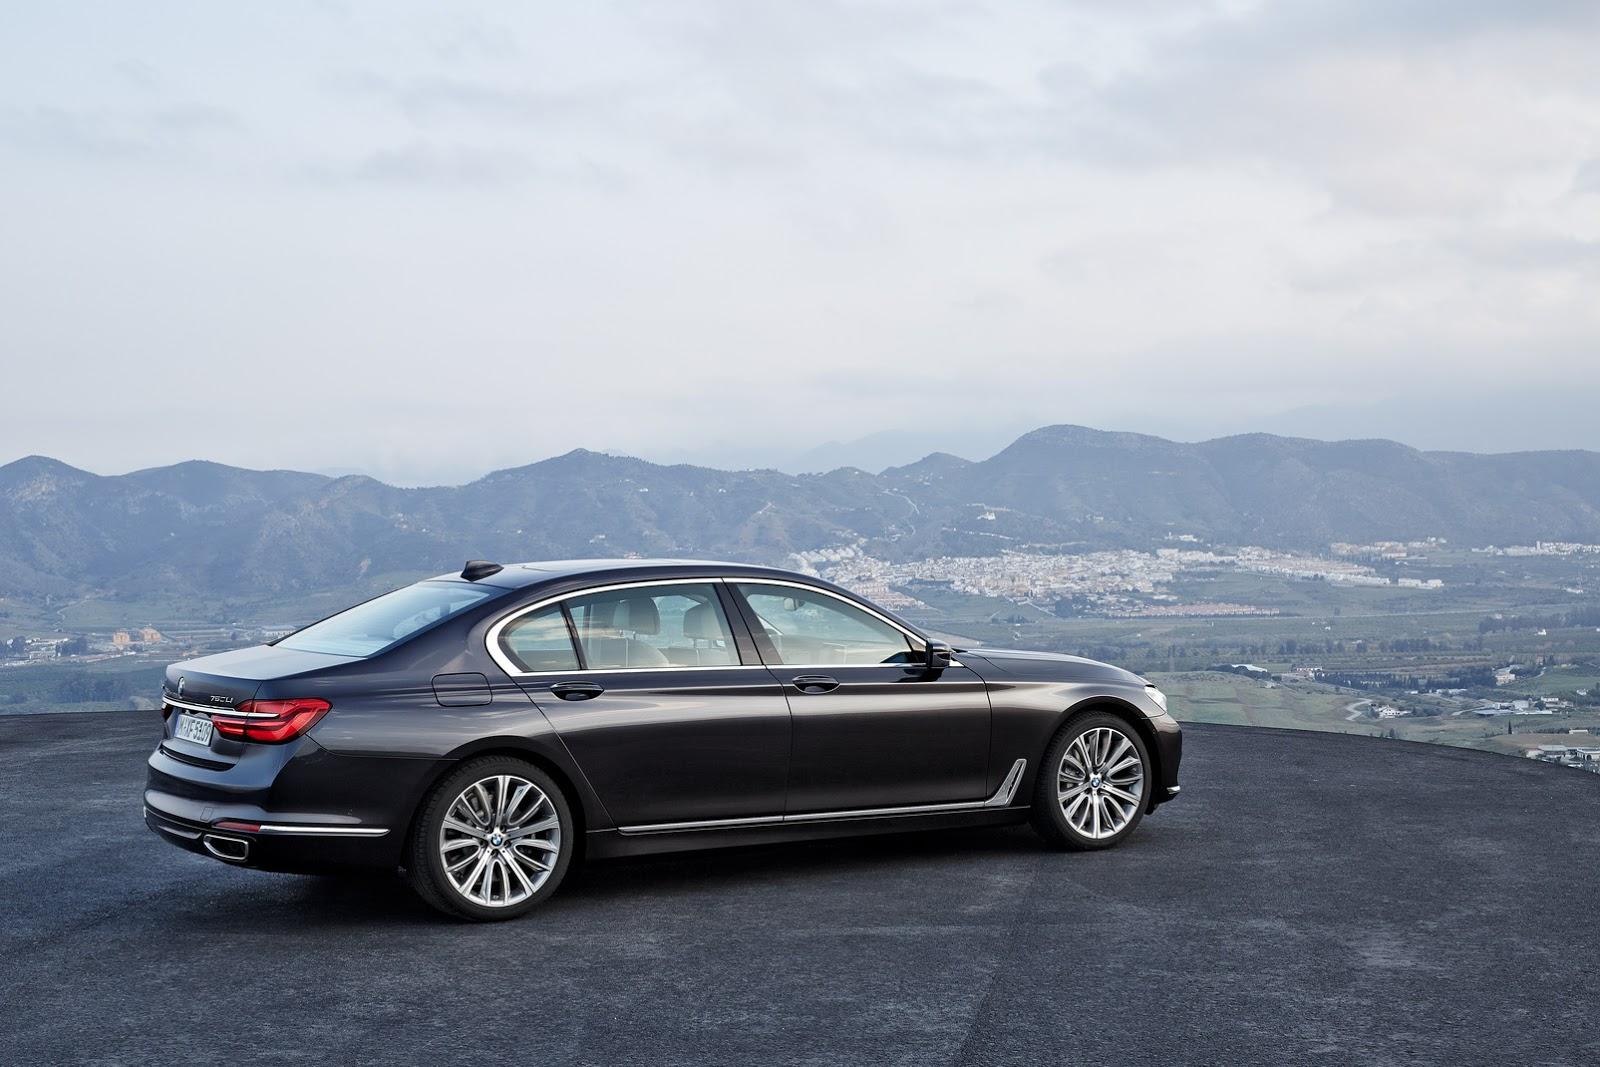 2016-BMW-7-Series-New7 புதிய பிஎம்டபிள்யூ 7 சீரிஸ் அறிமுகம்